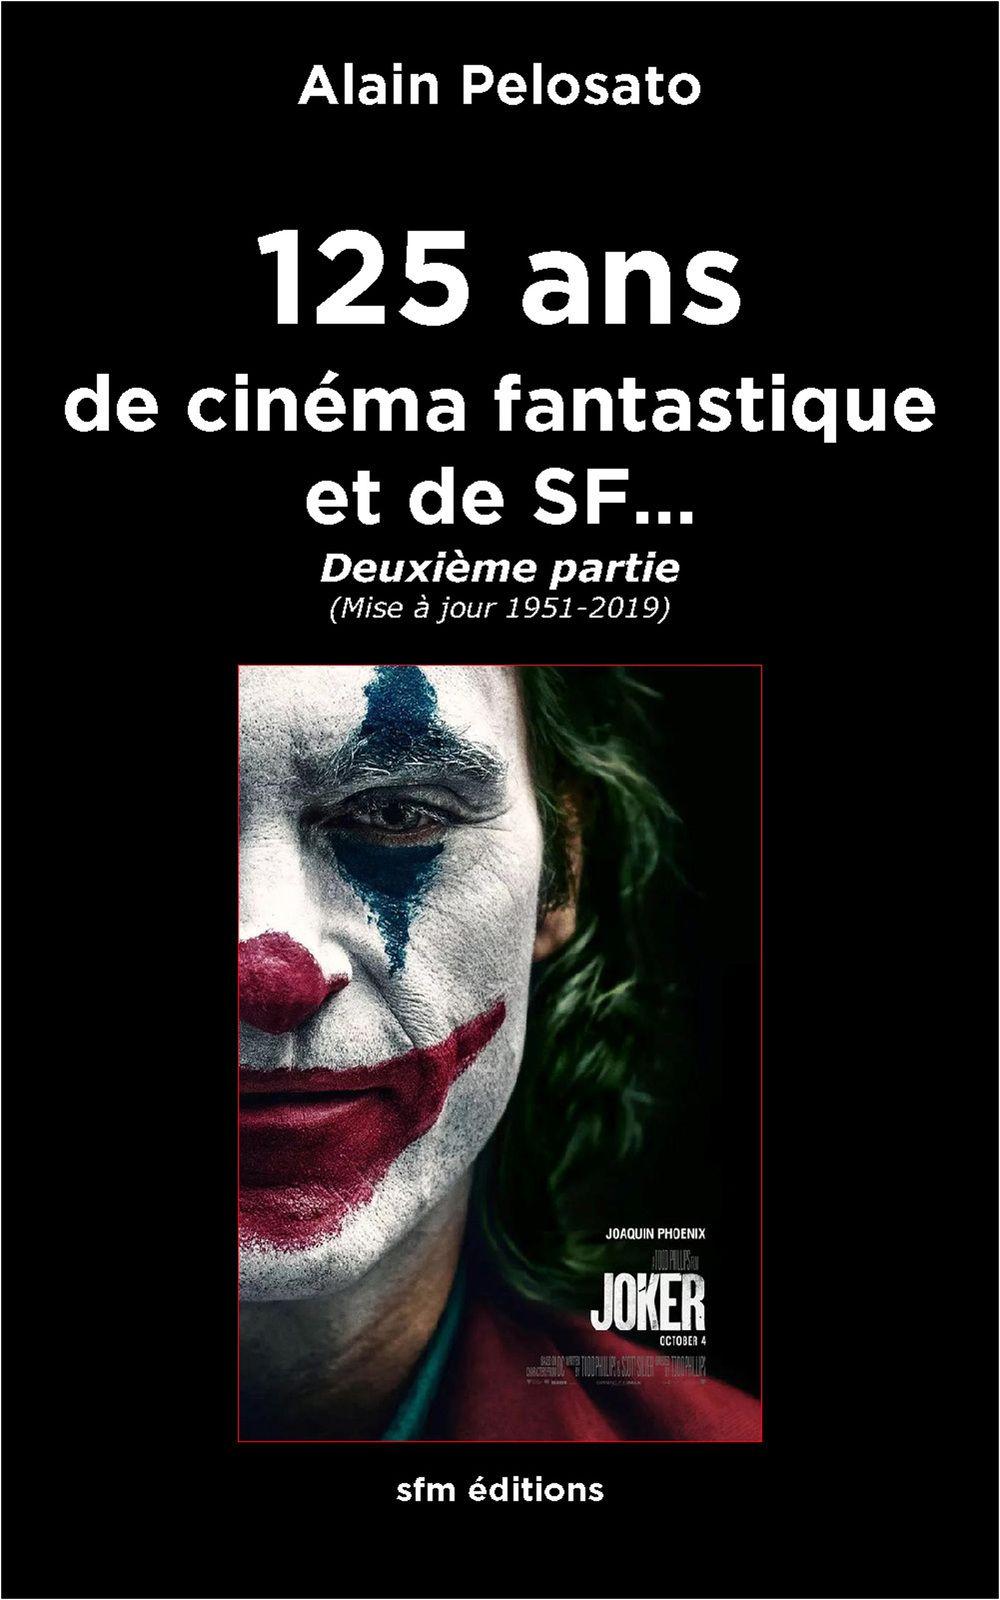 cinéma fantastique